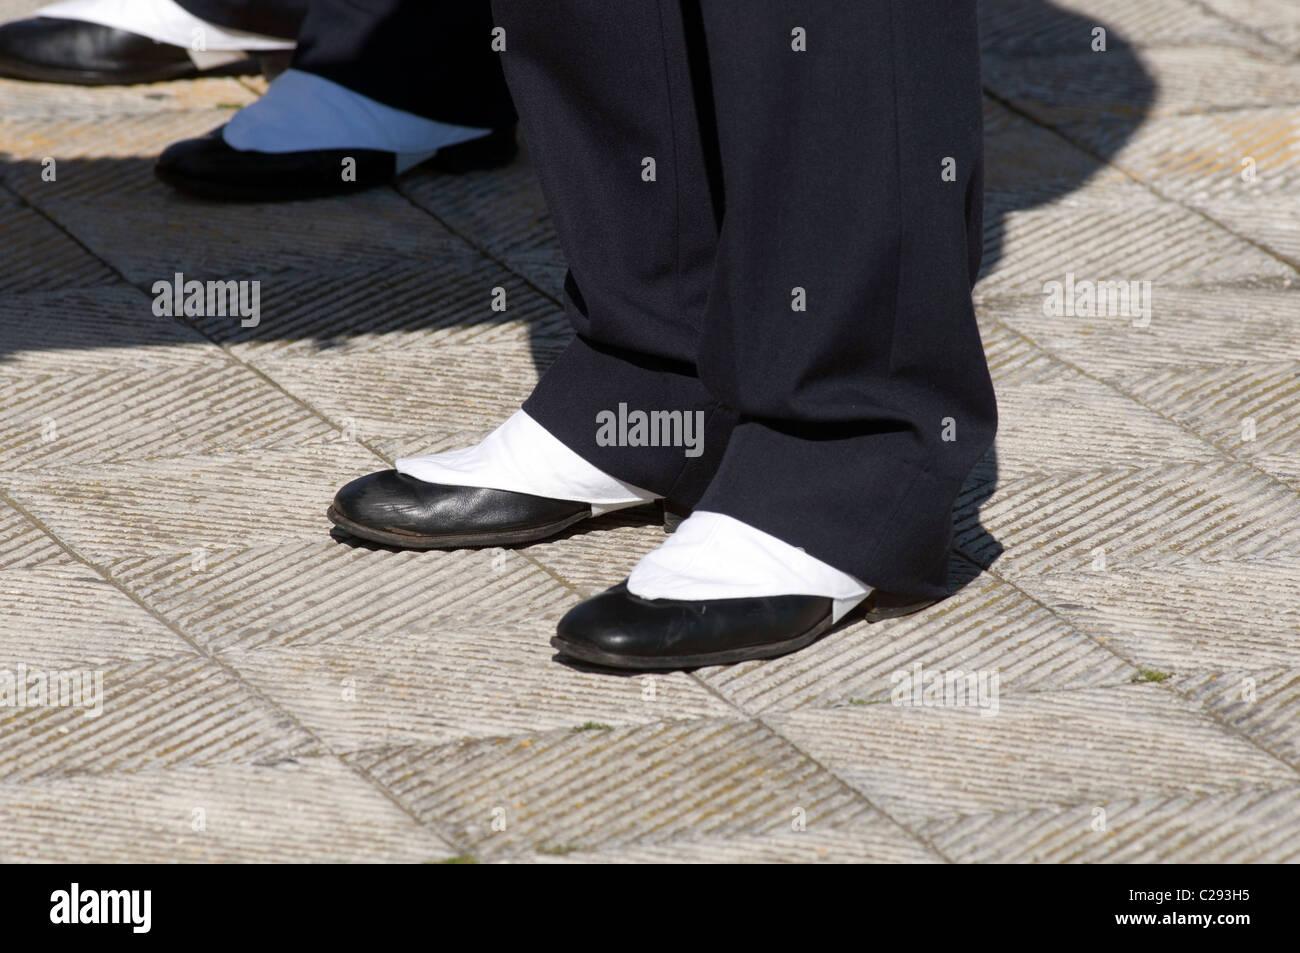 spats spat footwear foot wear shoes ceremonial dress shoe shoes feet foot Stock Photo